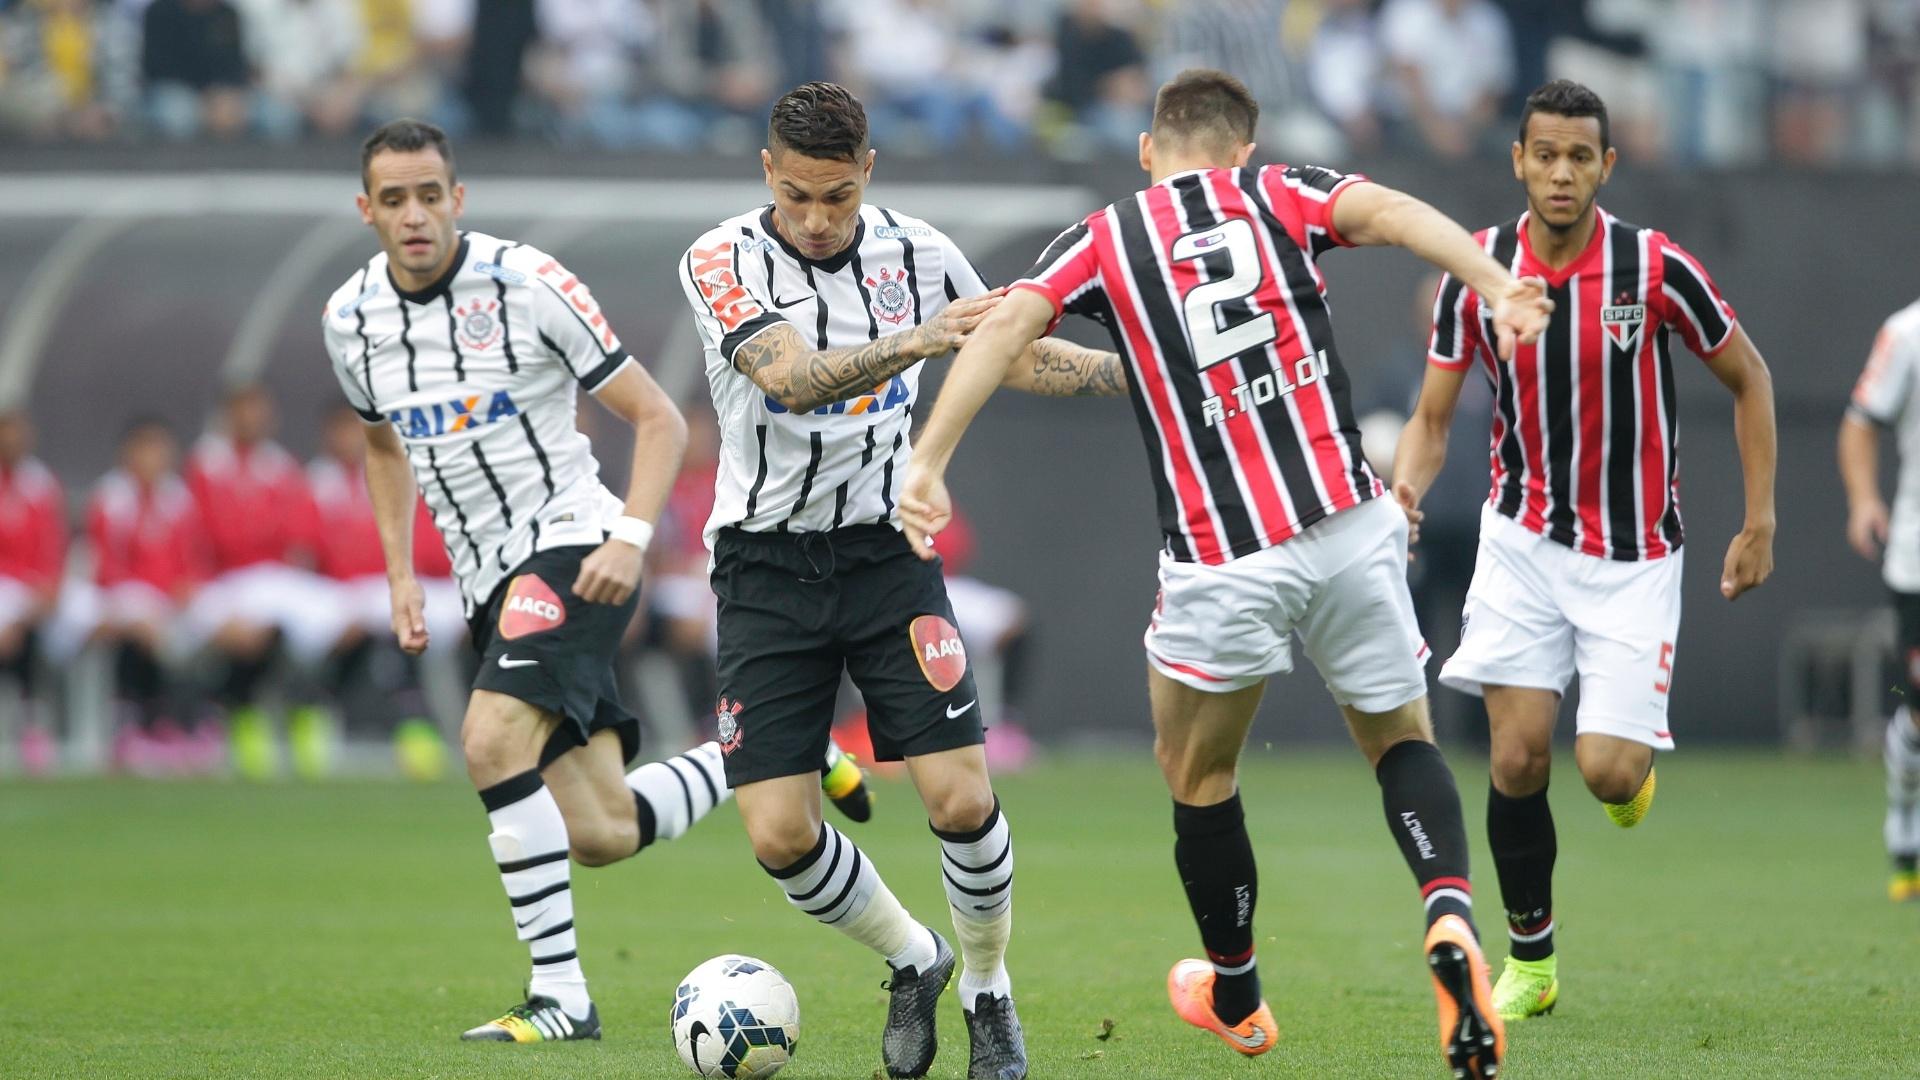 Paolo Guerrero e Rafael Tolói disputam a bola durante clássico entre Corinthians e São Paulo no Itaquerão